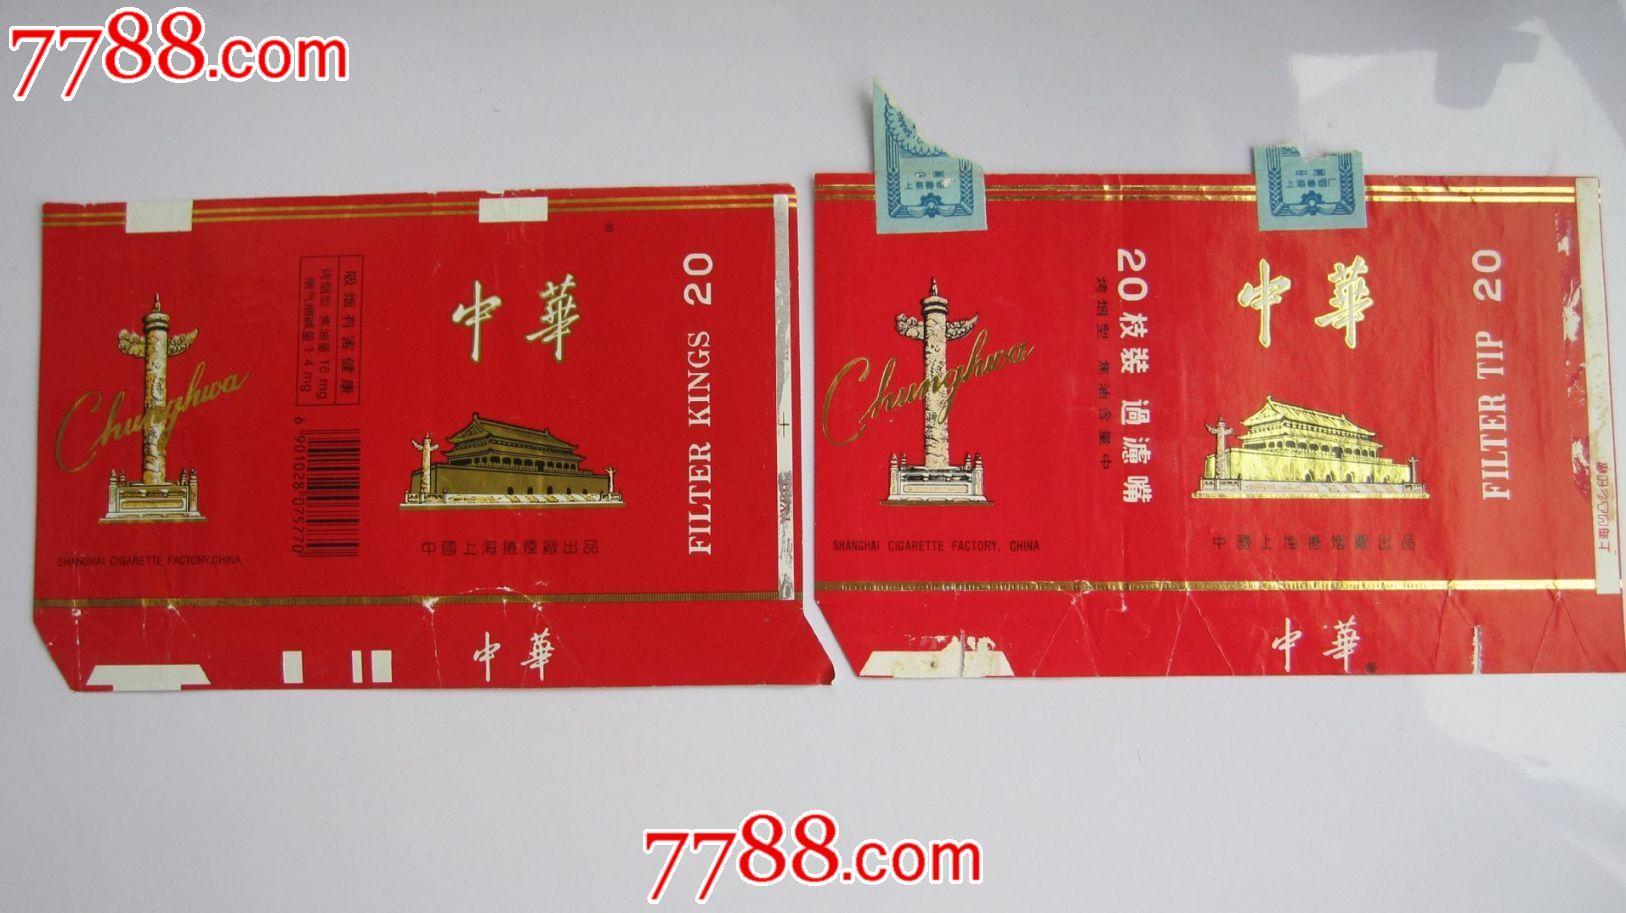 中华-价格:1元-se24951930-烟标/烟盒-零售-中国收藏